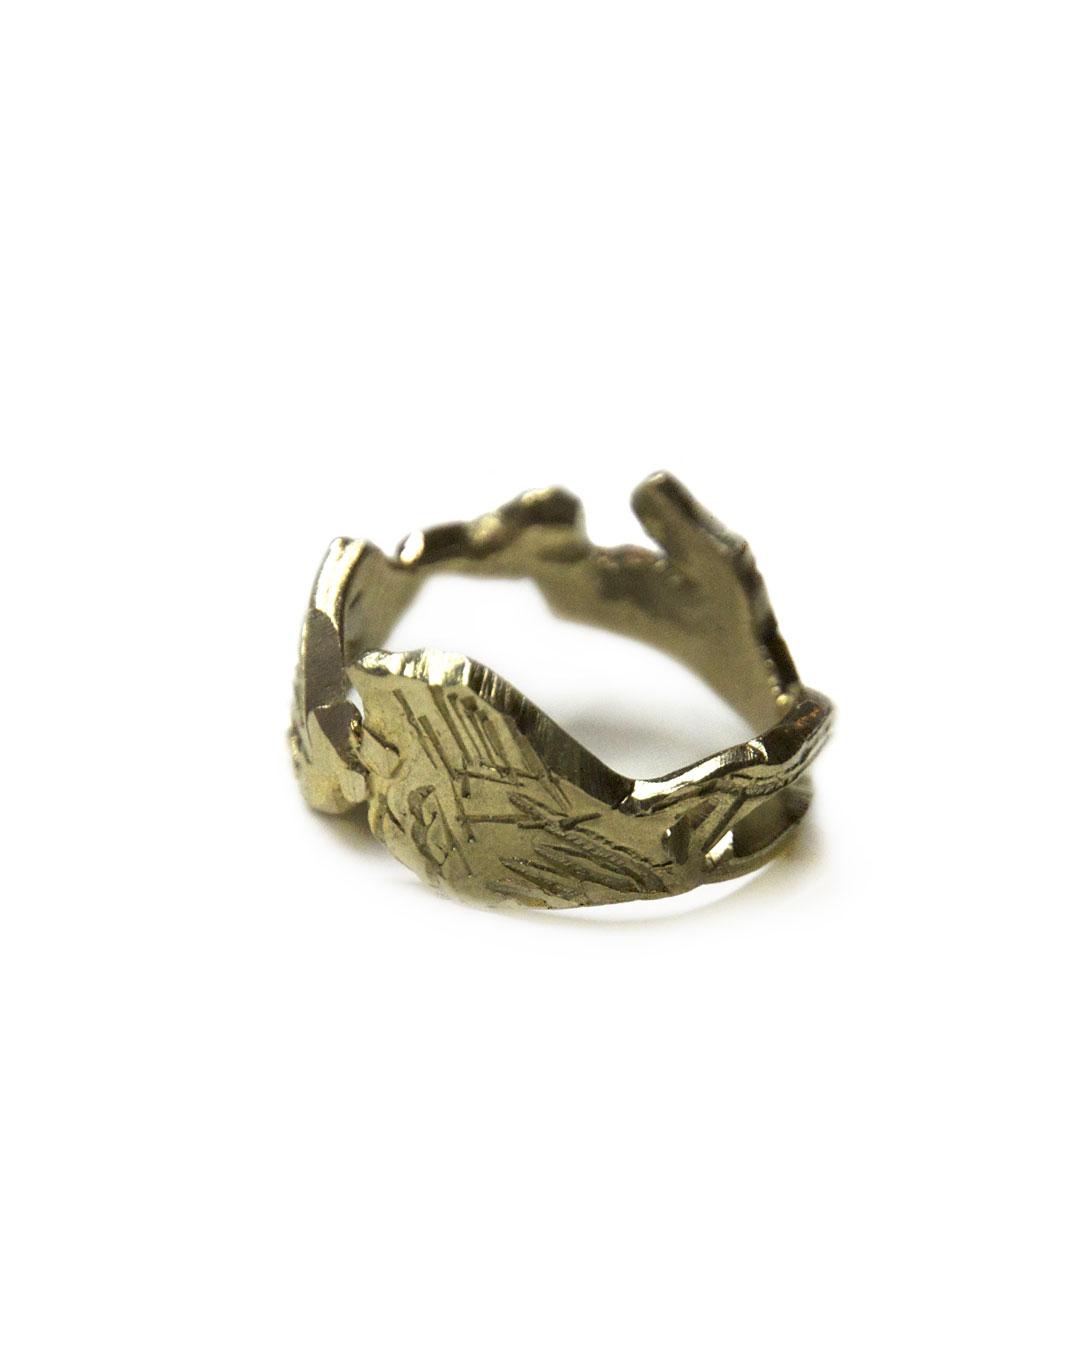 Rudolf Kocéa, Flügel (Wings), 2012, ring; 14ct gold (10.4 g), ø 23 x 11 mm, €1490